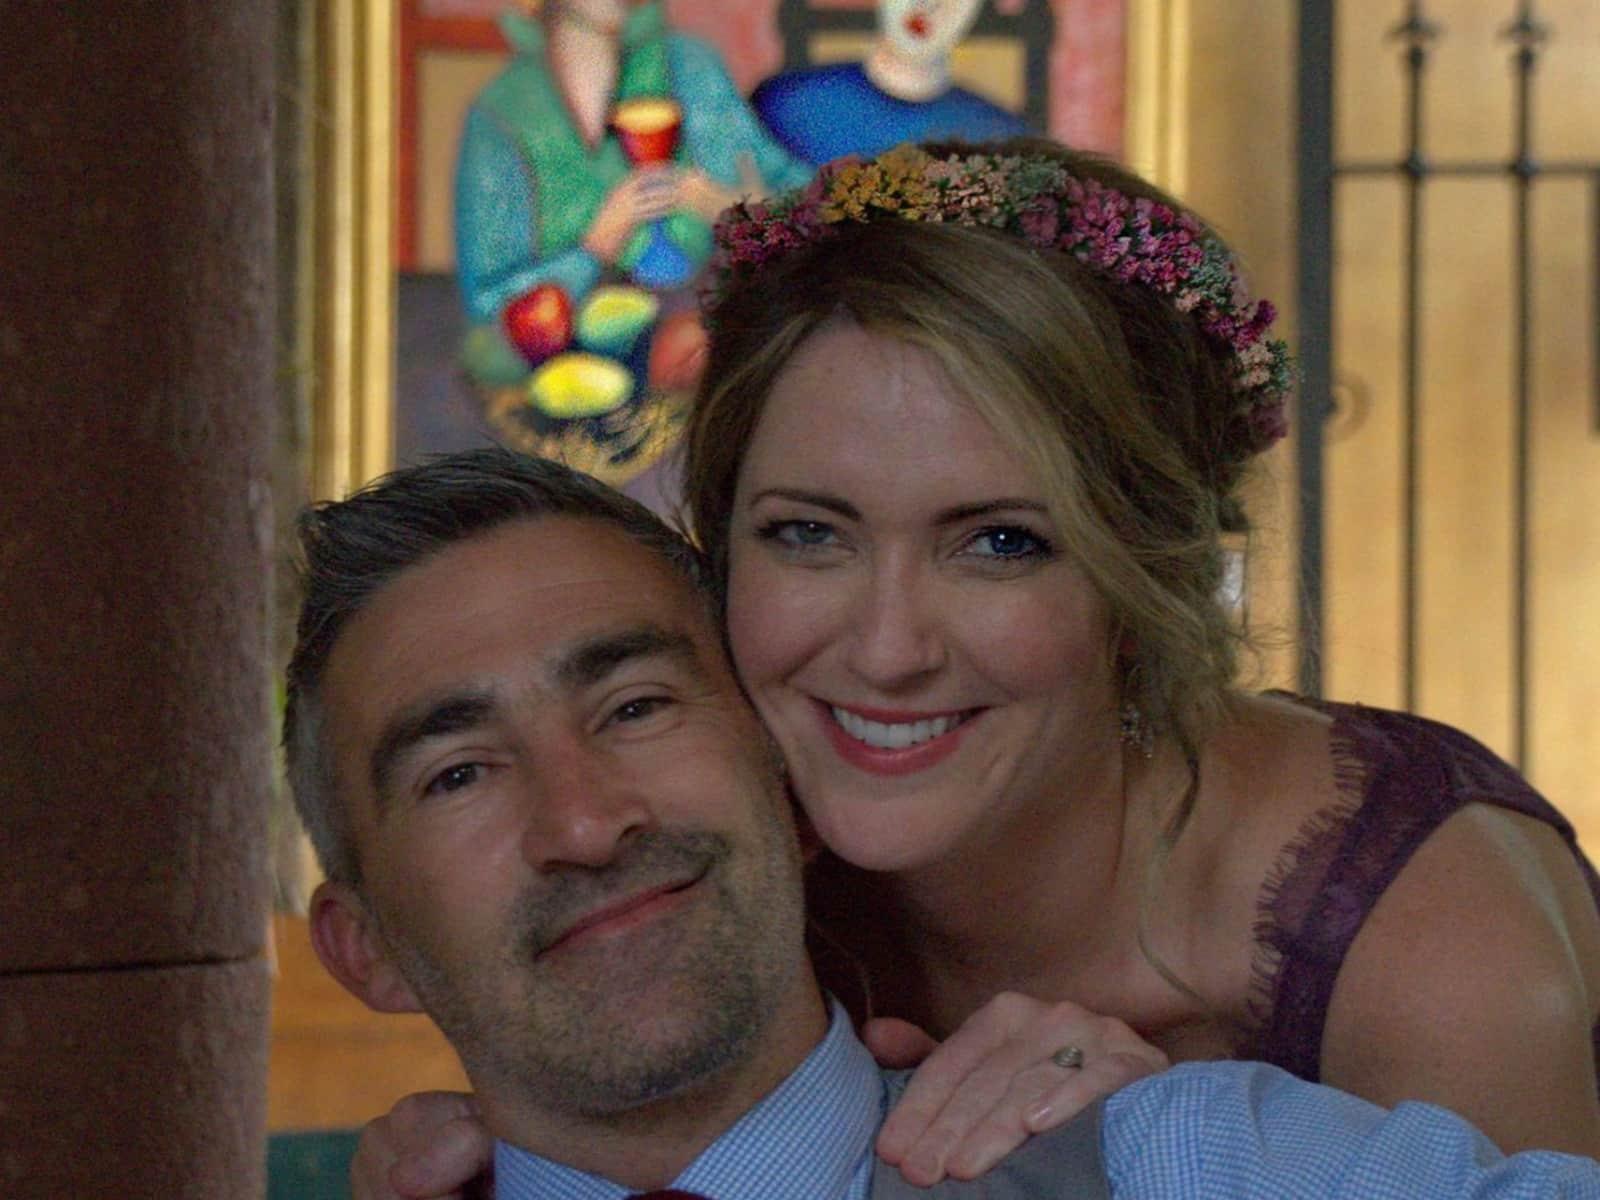 Leslie & Steven from San Miguel de Allende, Mexico